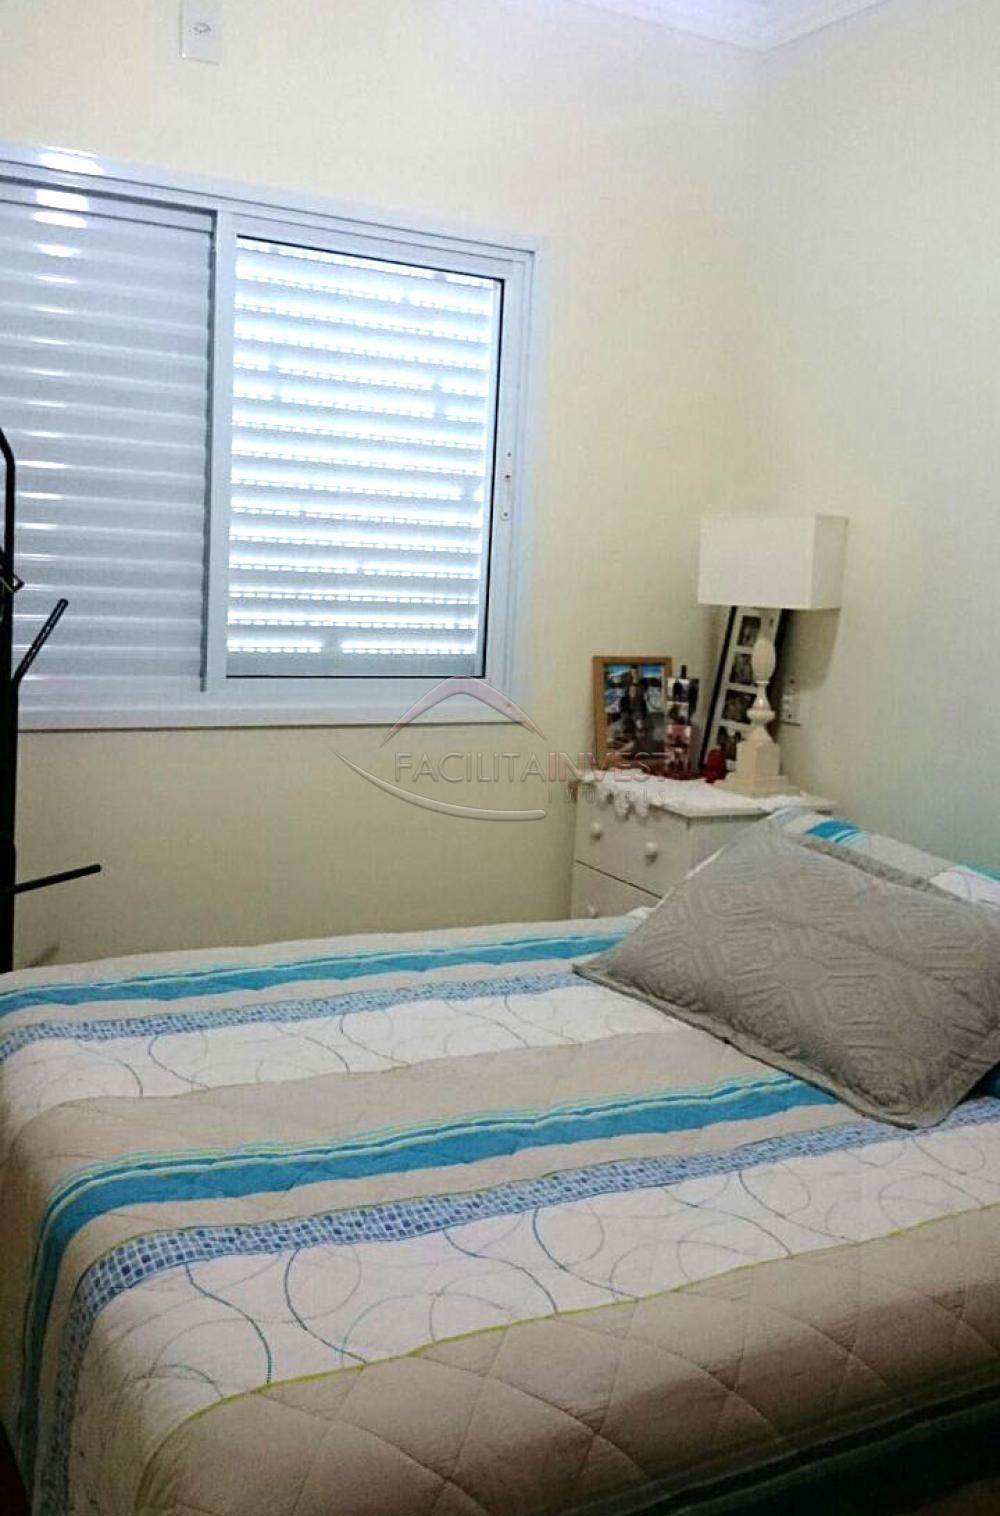 Alugar Apartamentos / Apart. Padrão em Ribeirão Preto apenas R$ 1.150,00 - Foto 8